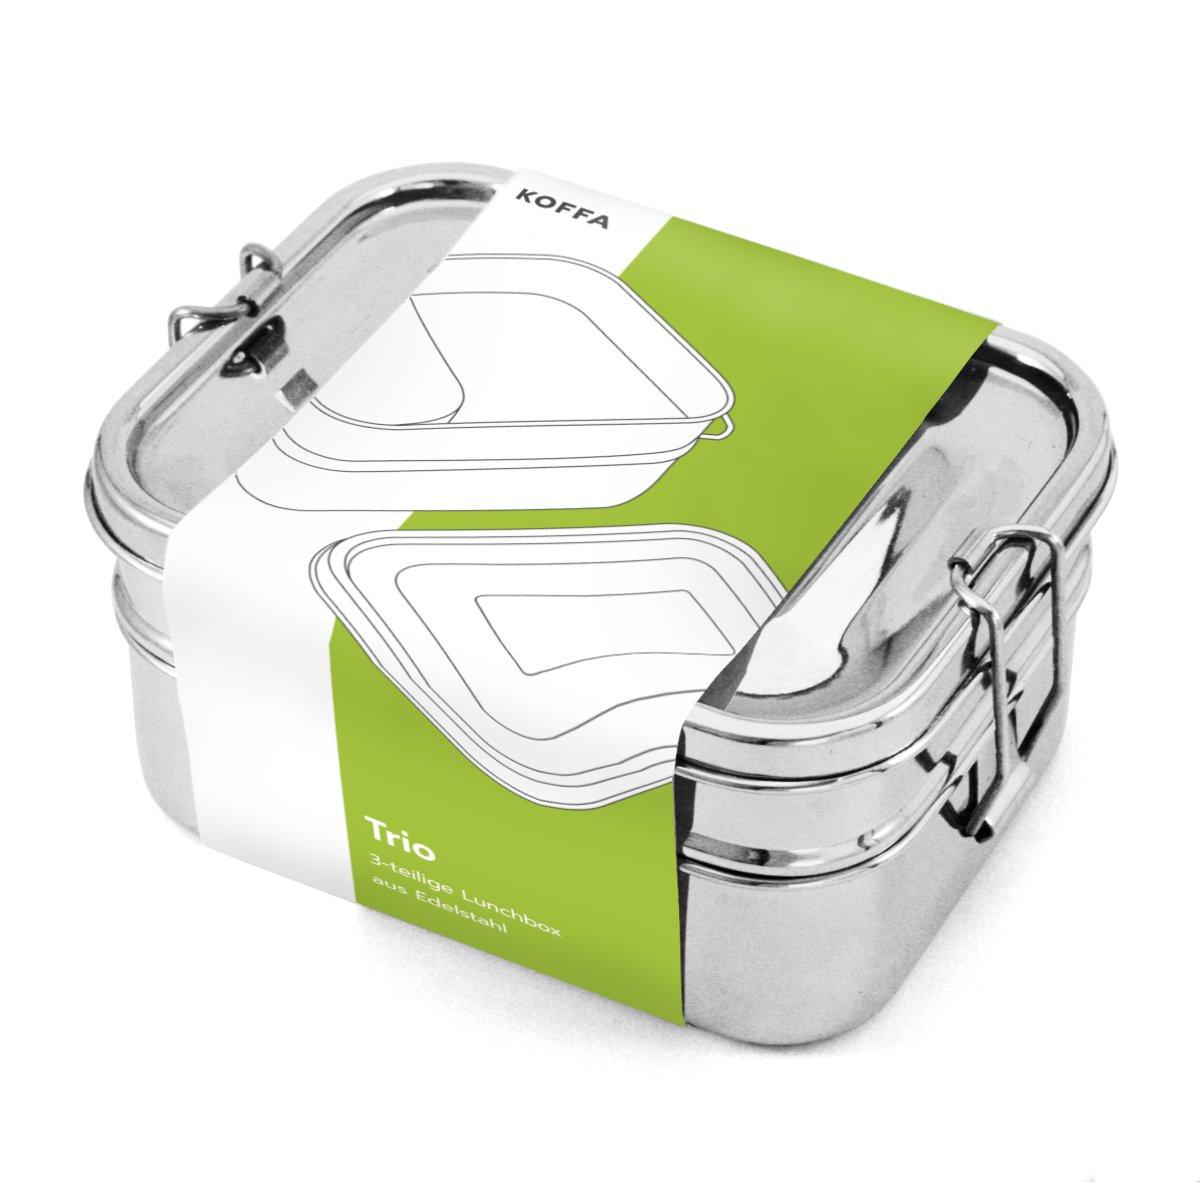 Mutter & Kinder Herzhaft Kinder Bunte Mittagessen Container Mit Löffel Mikrowelle Bento Box Für Container Haushalt Outdoor Lebensmittel Box Bpa Frei Seien Sie Freundlich Im Gebrauch